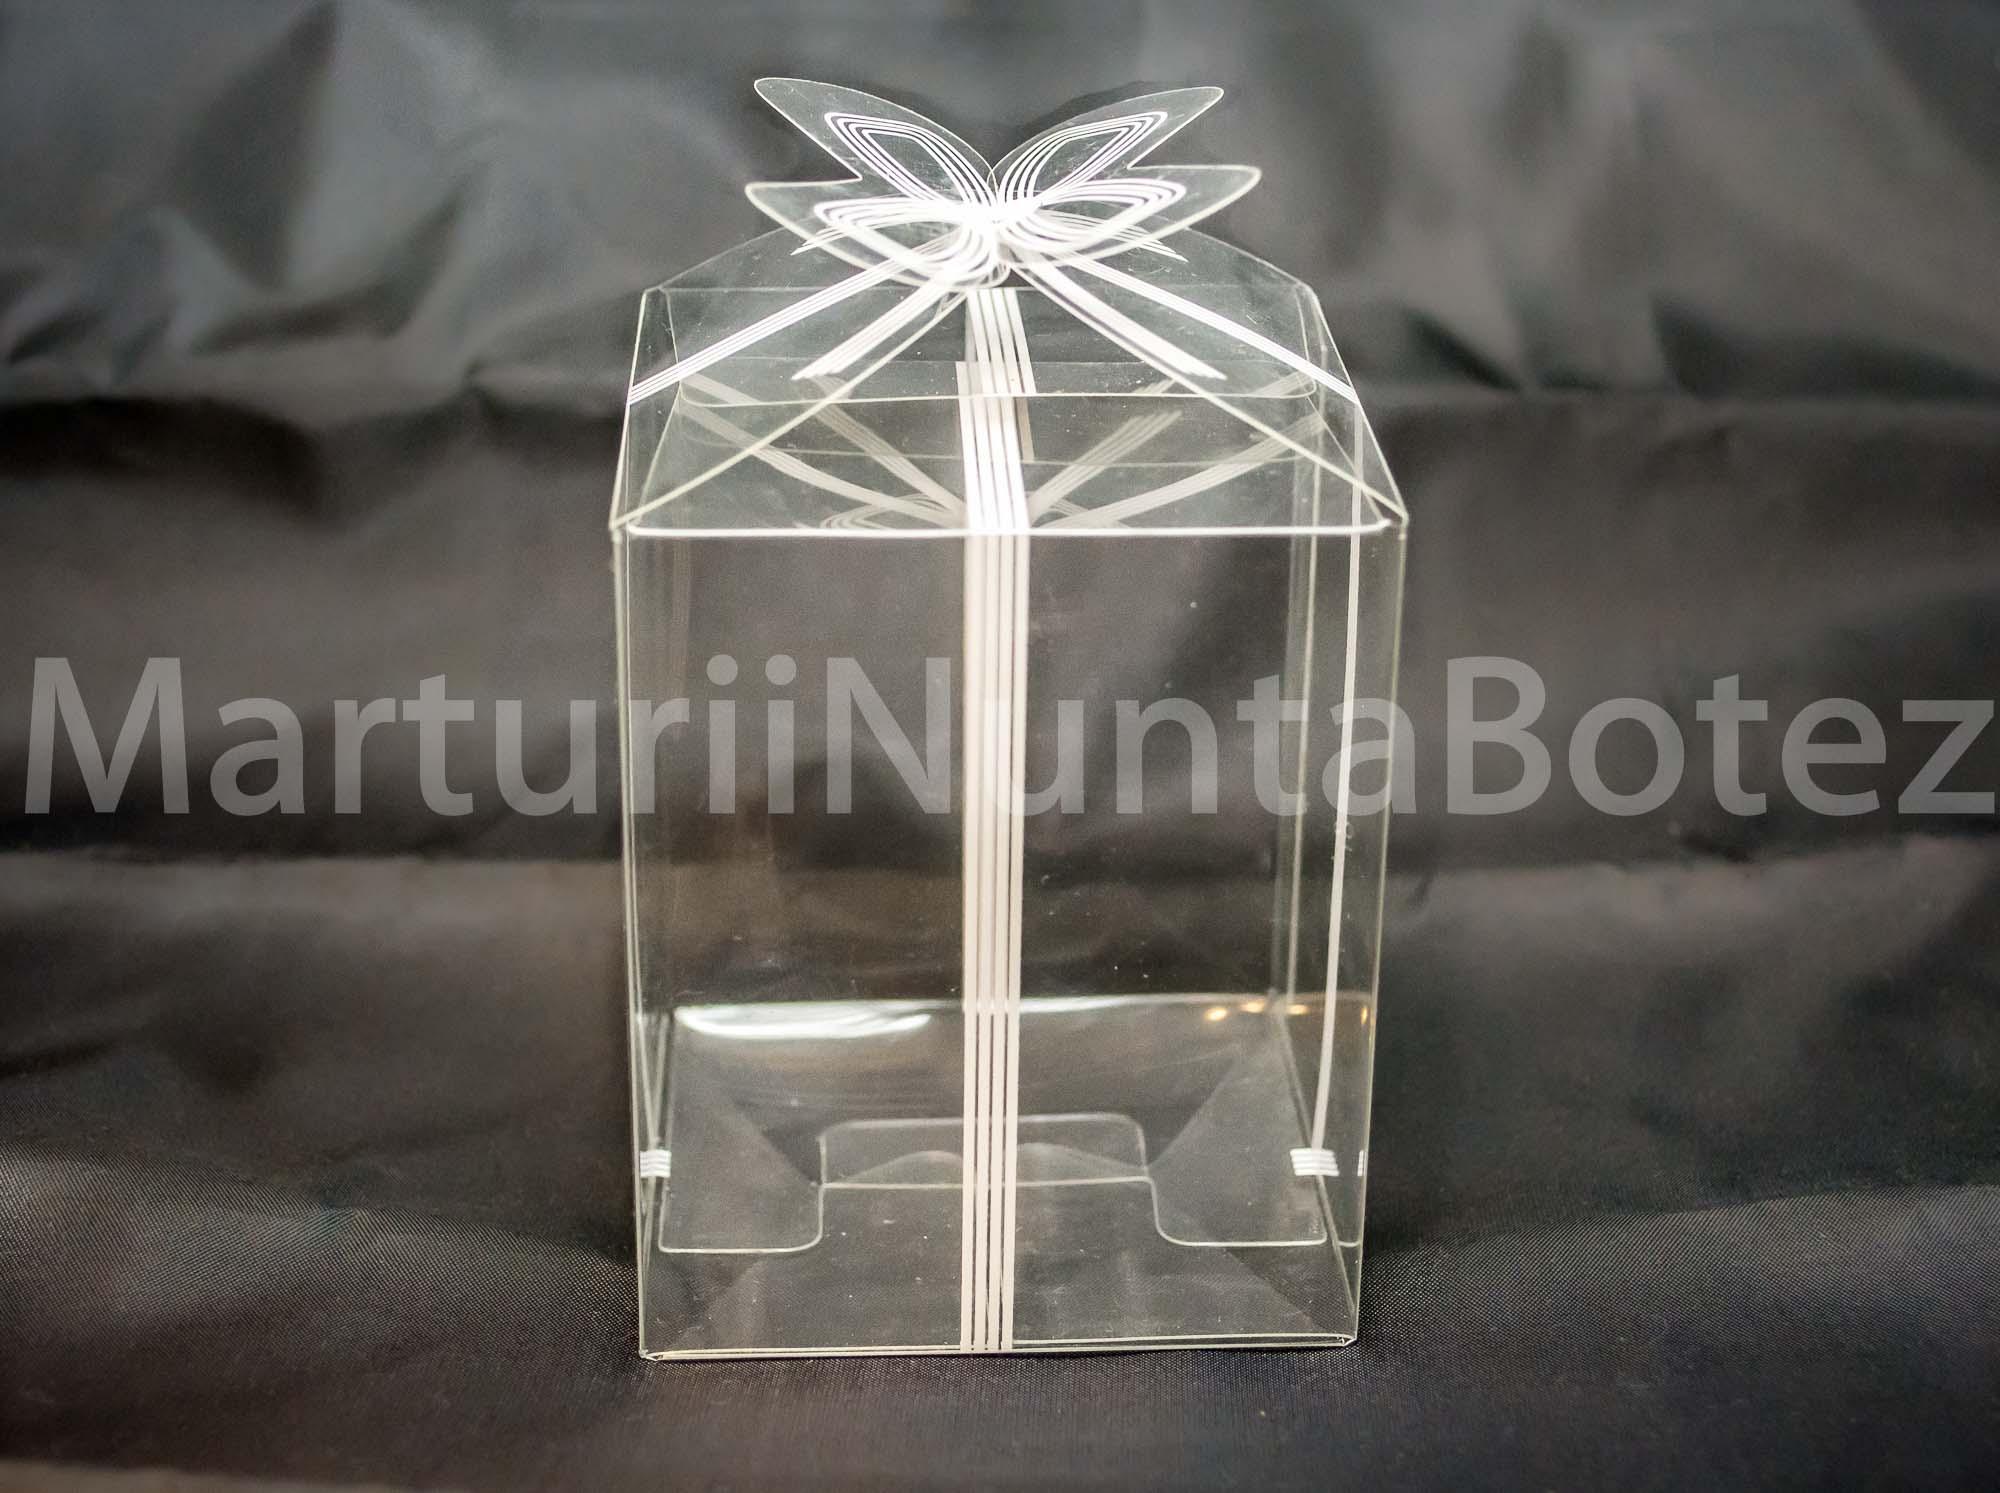 Cutie_transparenta_plastic_acetofan_model_deosebit_marturii_marturie_nunta_botez4